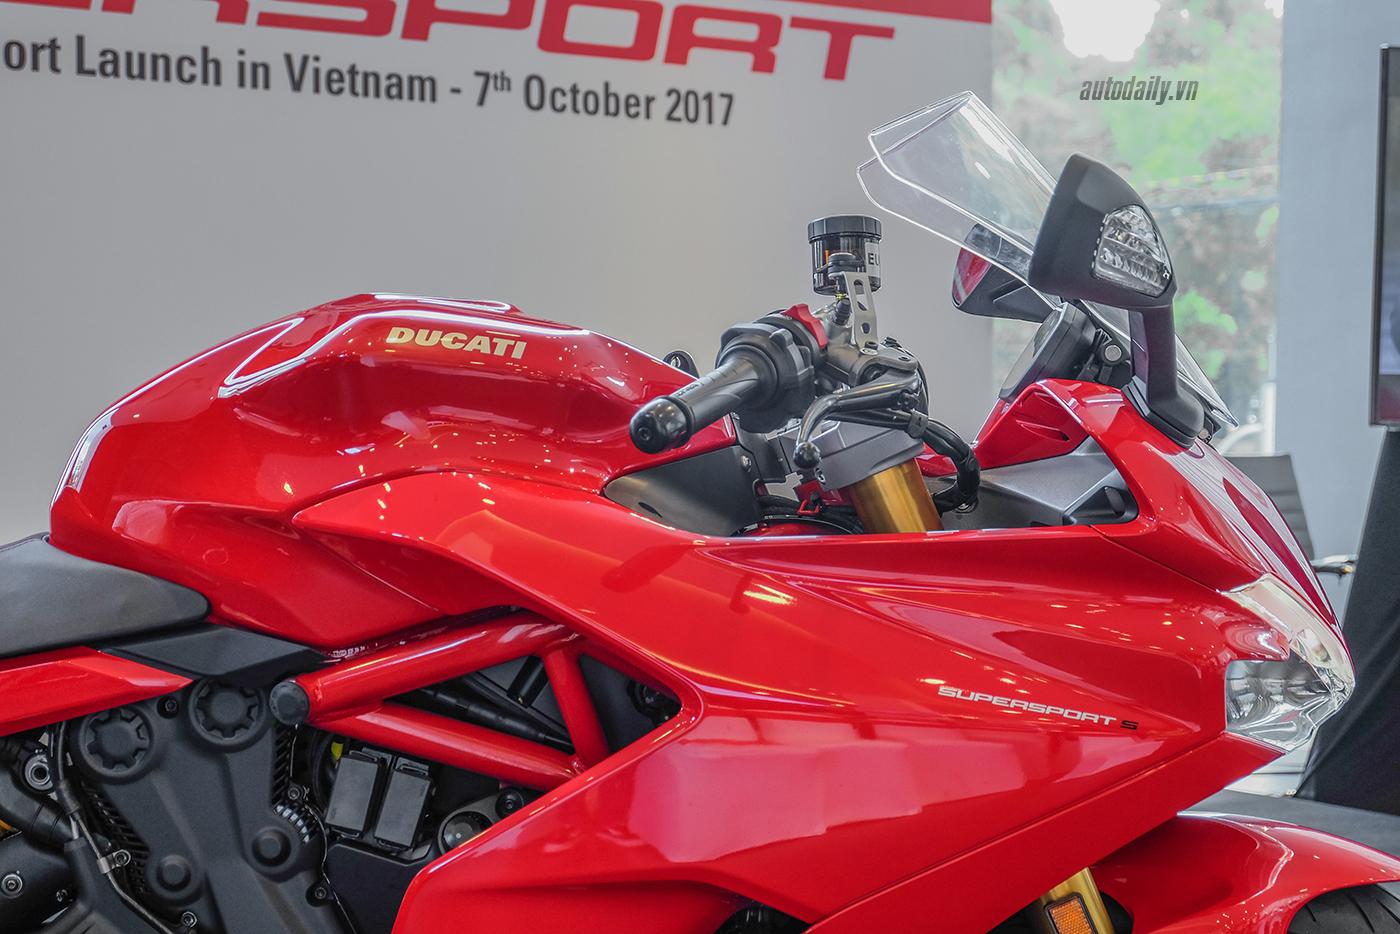 ducati-supersport-s-5.jpg